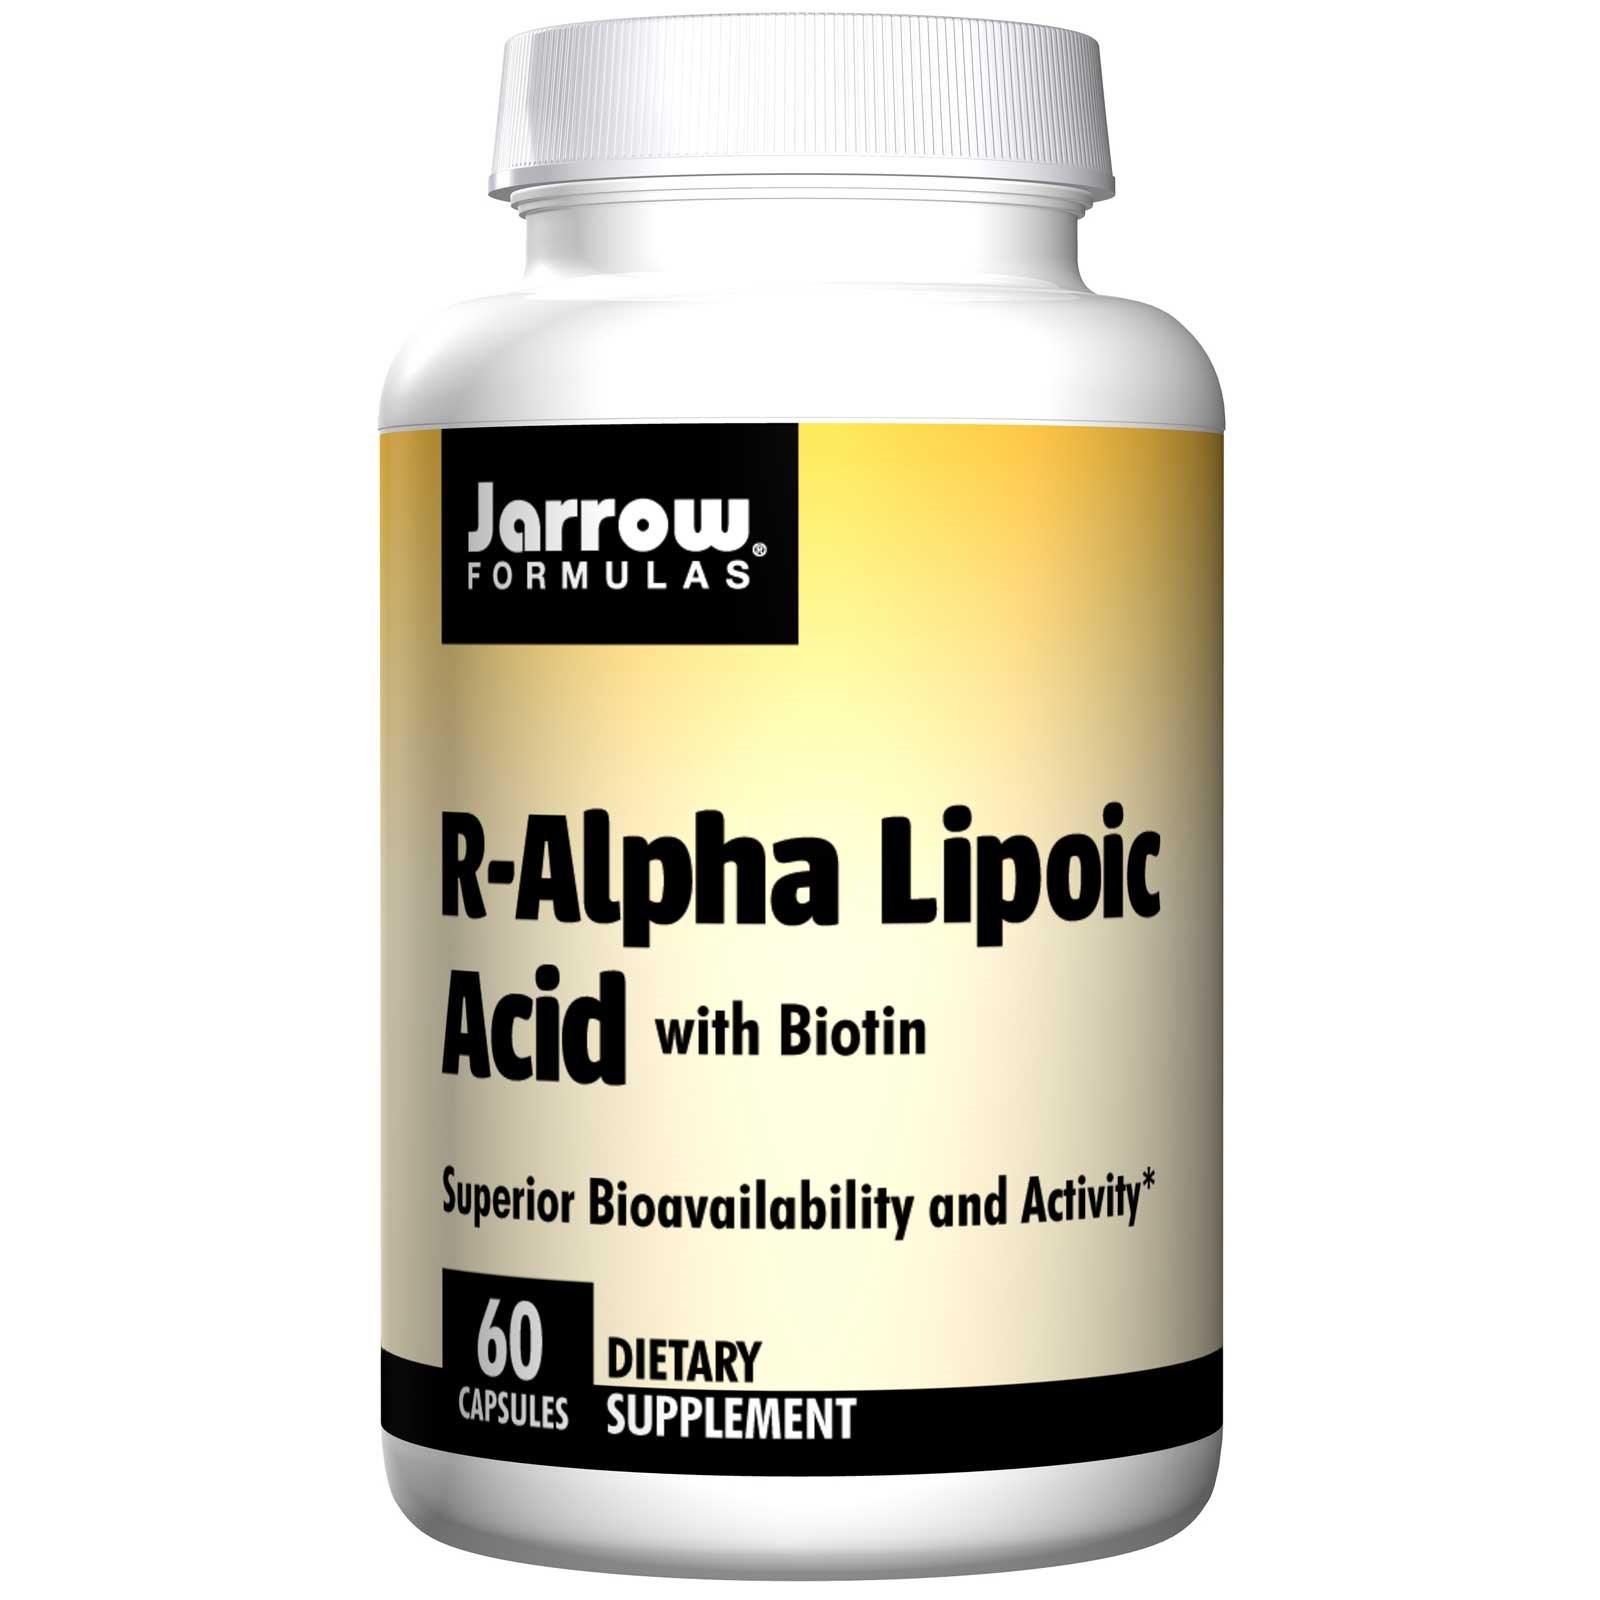 Image of R acido alfa lipoico con biotina (60 capsule) - Jarrow Formulas 0790011200390